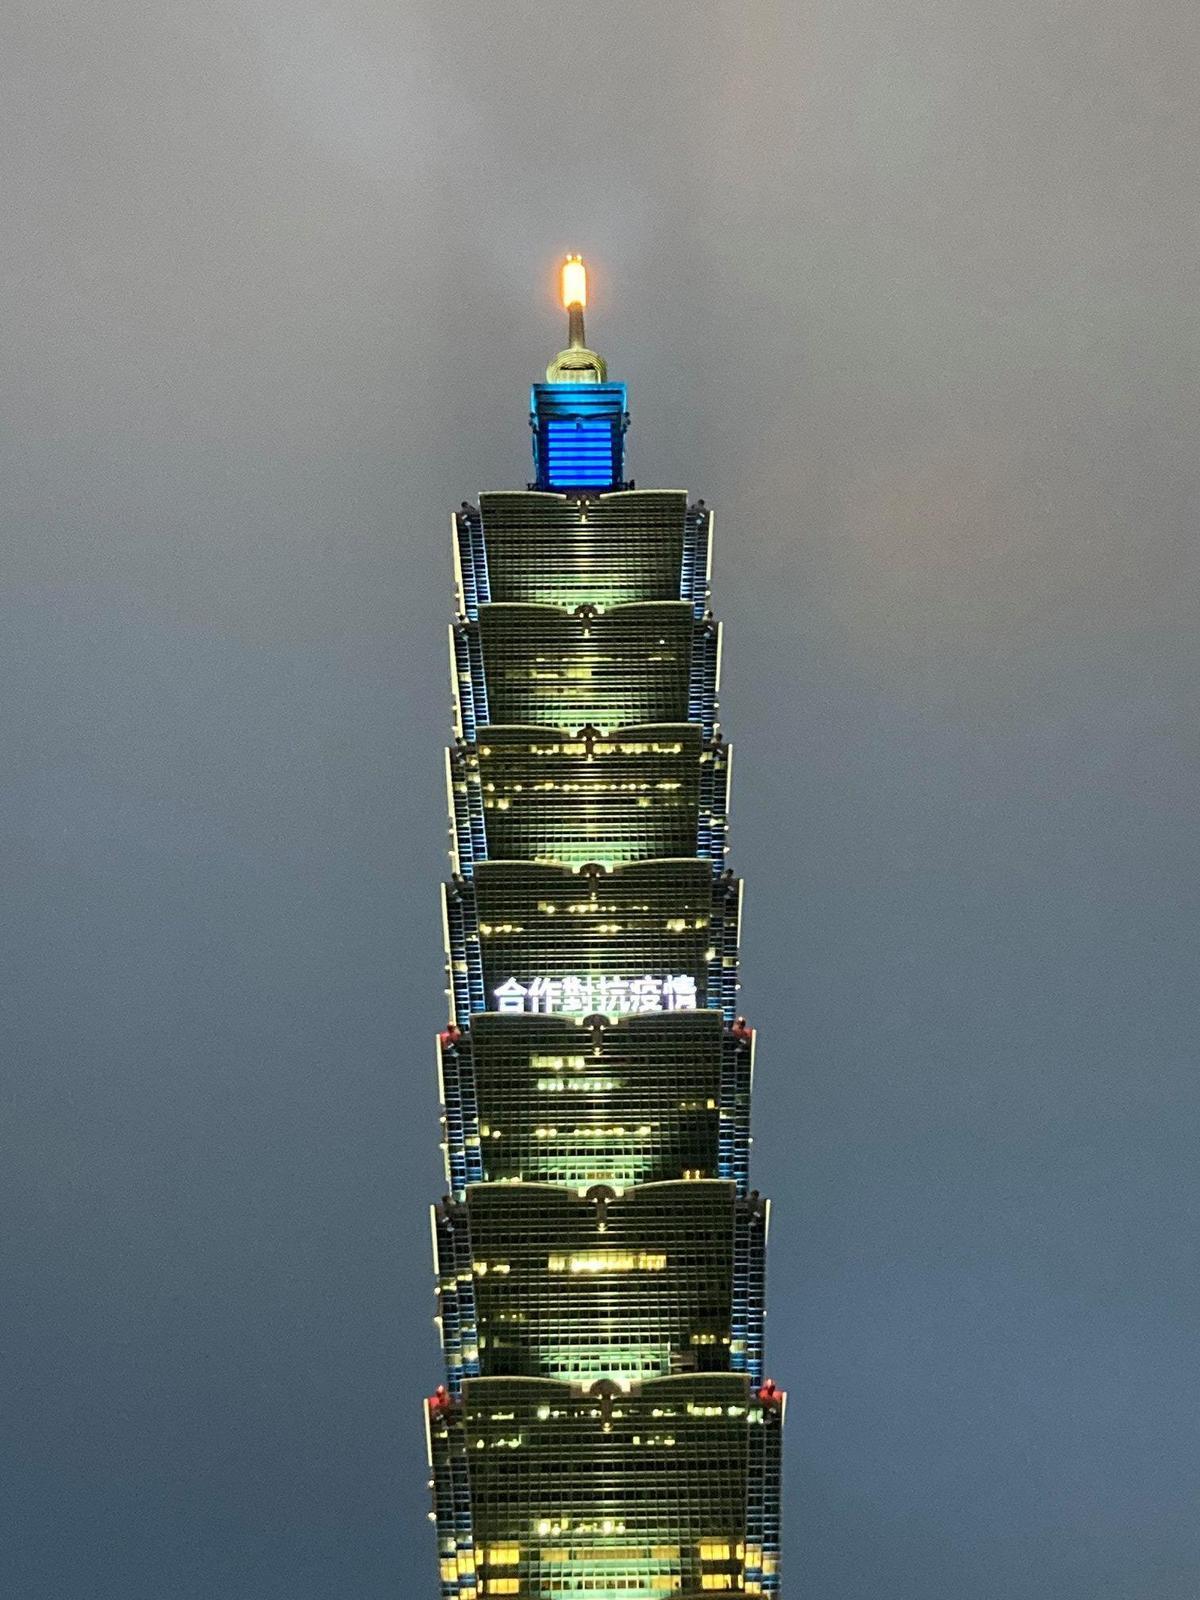 台北101今晚在外牆點燈打字,感謝日本對於疫苗的支援。(翻攝自台北101臉書)